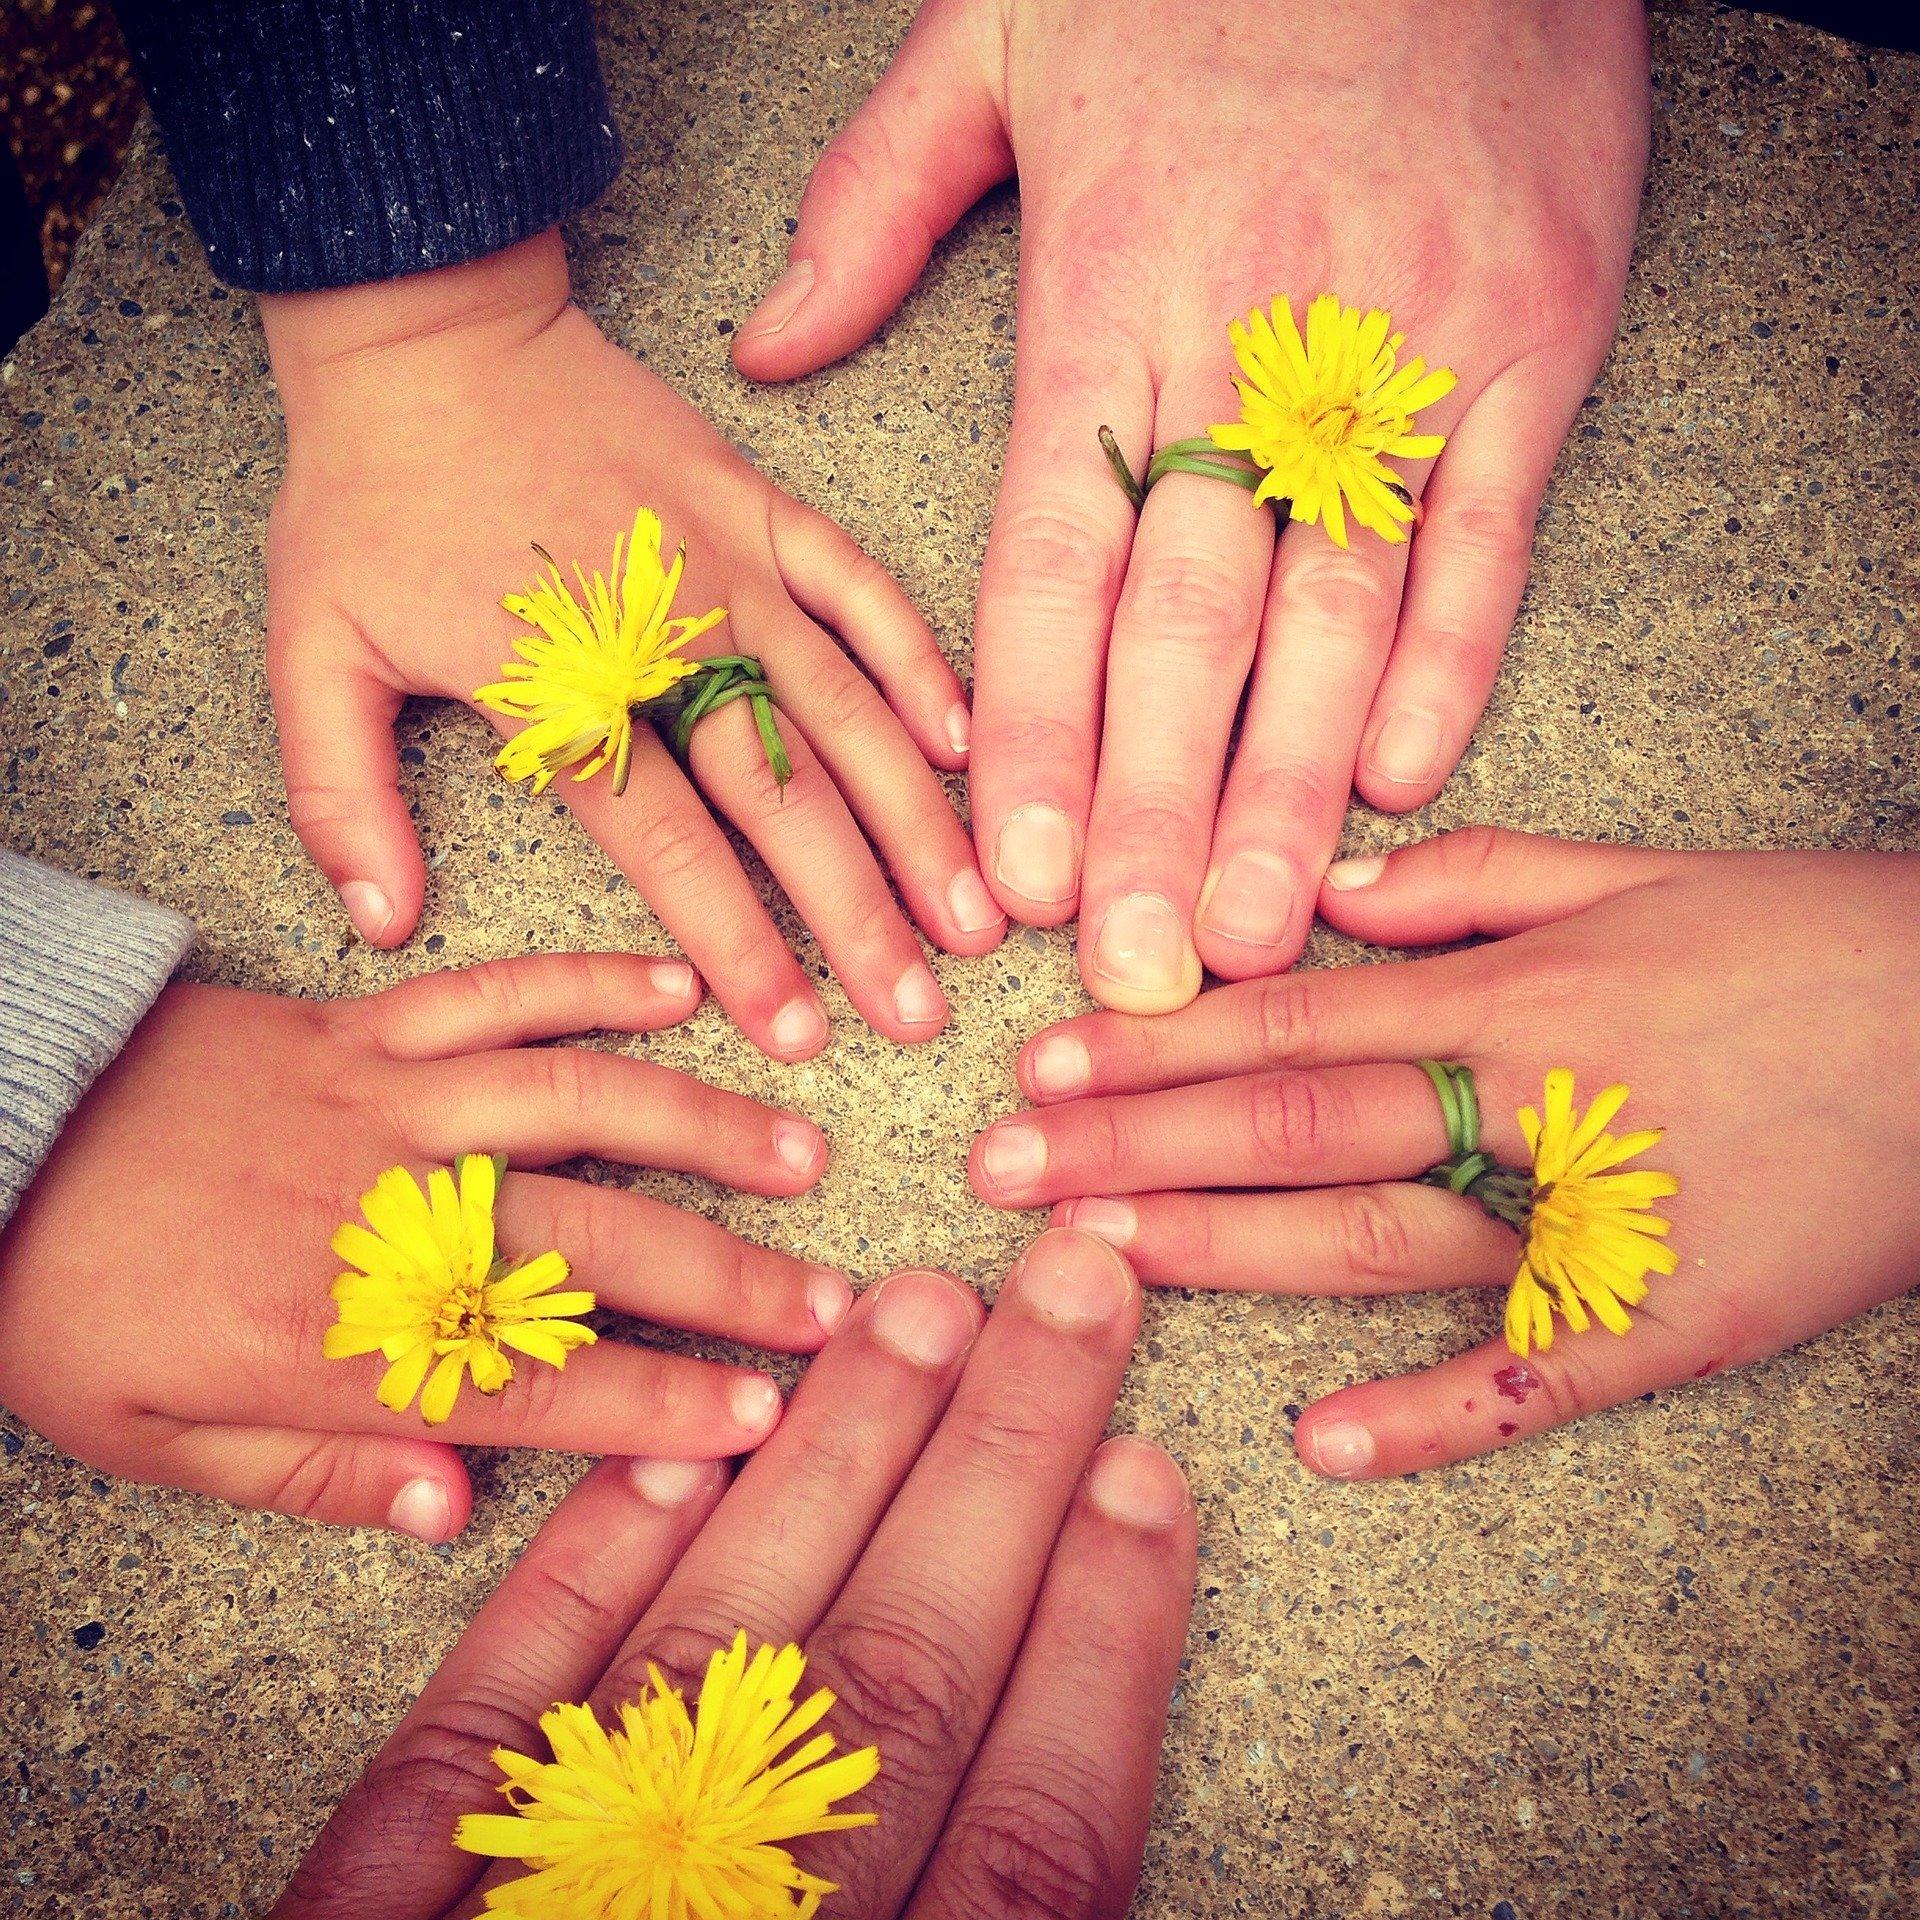 Fünf Kinderhände liegen auf Sandboden mit gelben Löwenzahlblumen als Ringe